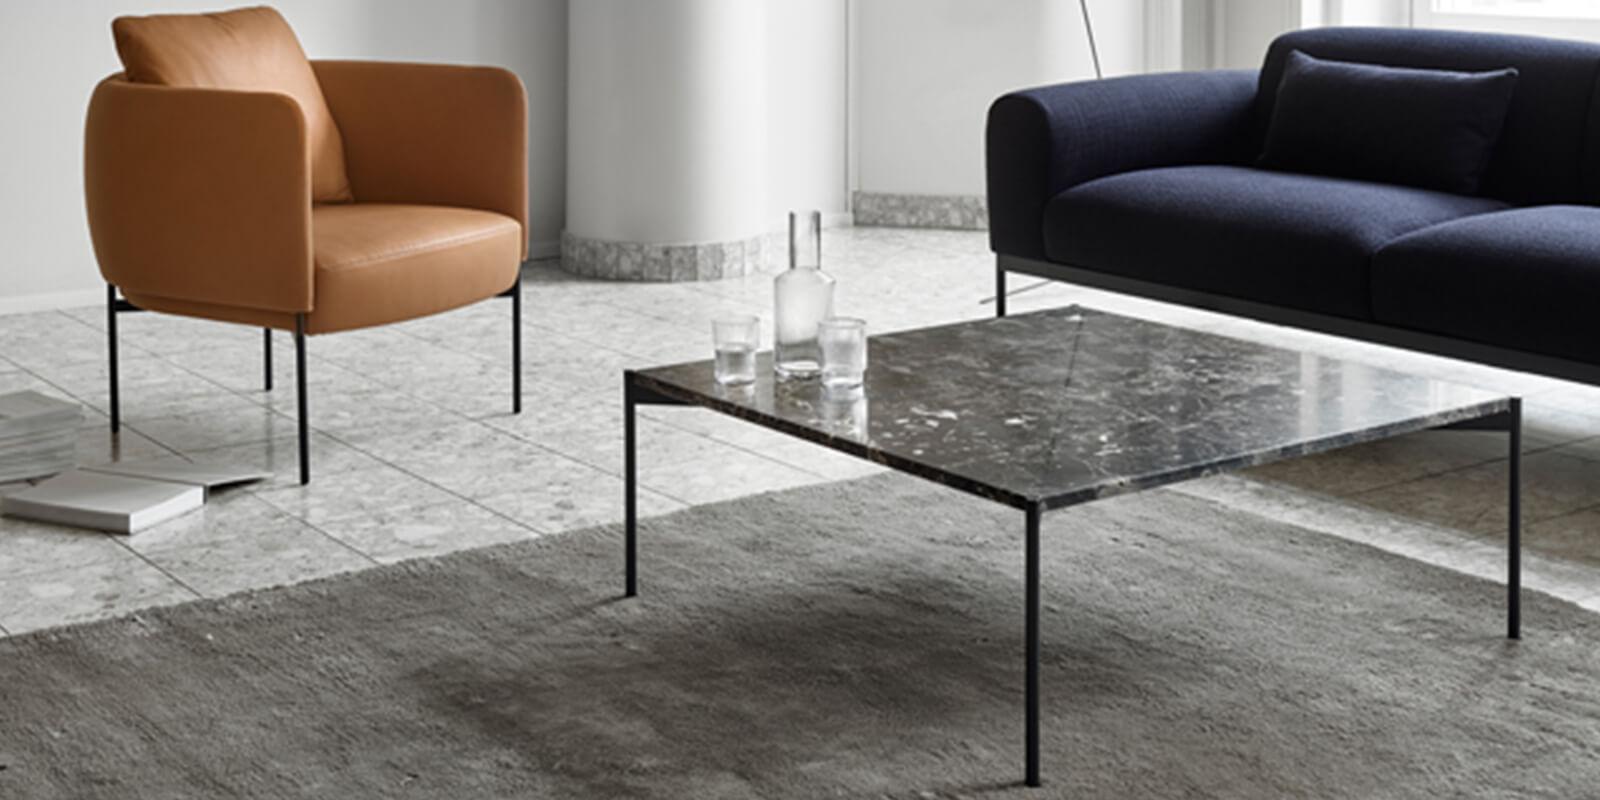 Oppsiktsvekkende Tannum | Designmøbler KE-61